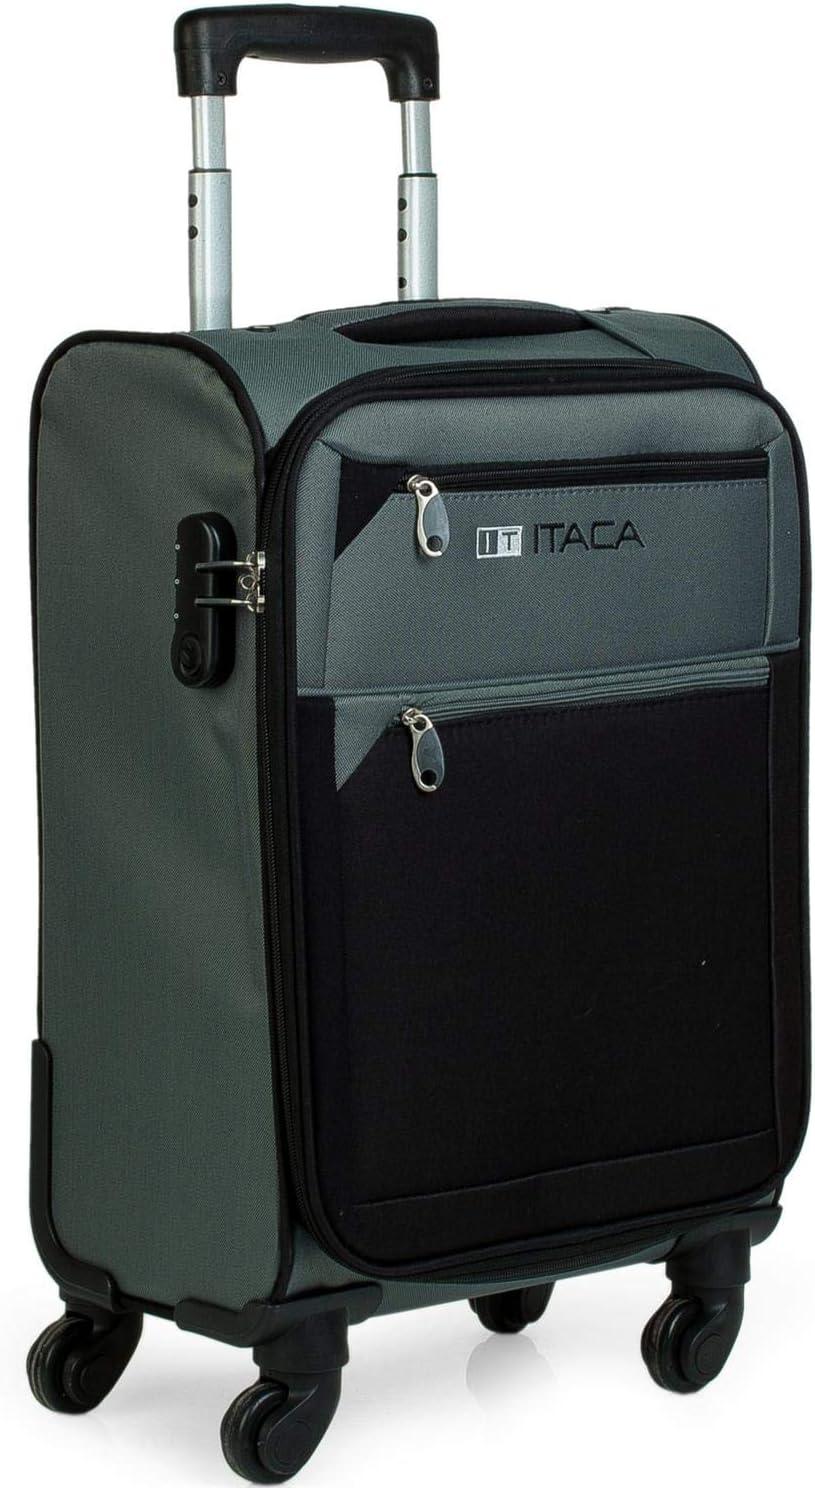 ITACA - Maleta de Viaje Cabina 4 Ruedas Trolley 54 cm poliéster eva. Equipaje de Mano. Blanda, y Ligera. Mango Asas candado. Low Cost ryanair. 701050, Color Gris-Negro